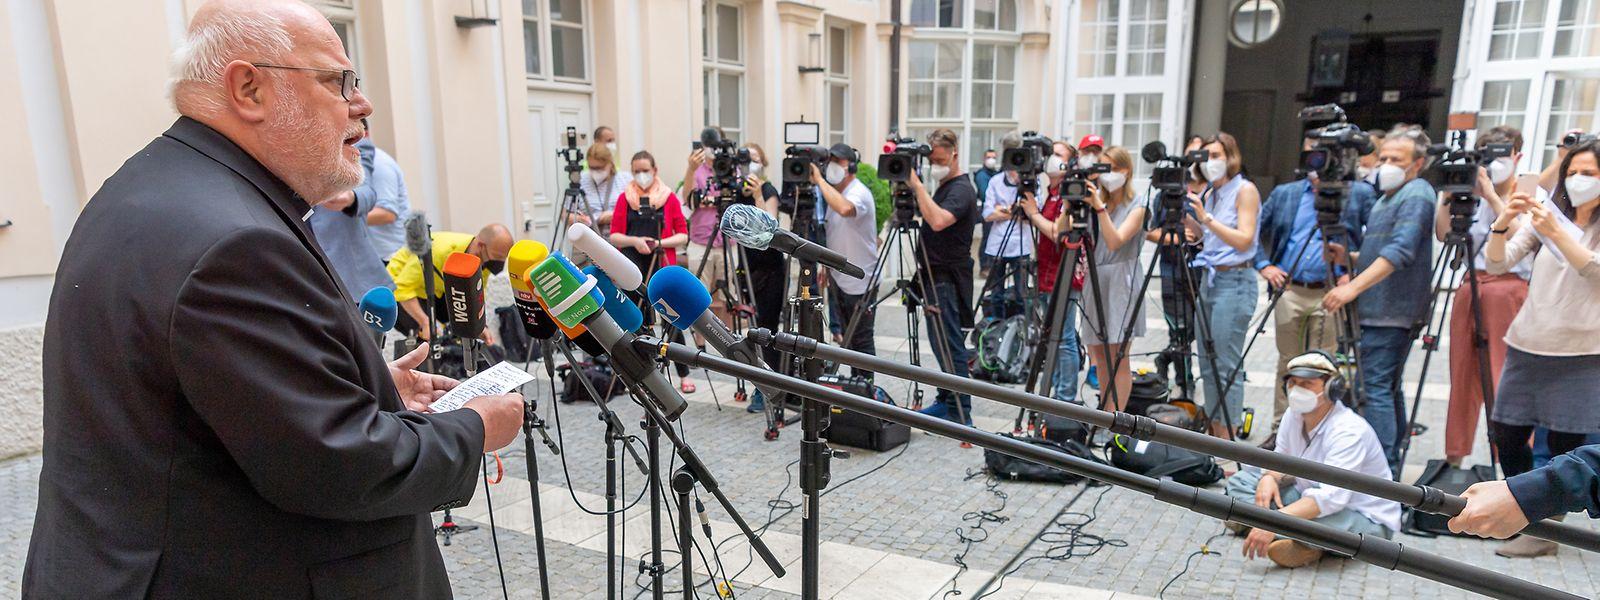 Kardinal Reinhard Marx, Erzbischof von München und Freising, begründete am Freitag (4.Juni) im Innenhof seiner Residenz seine Entscheidung, dem Papst seinen Rücktritt anzubieten.